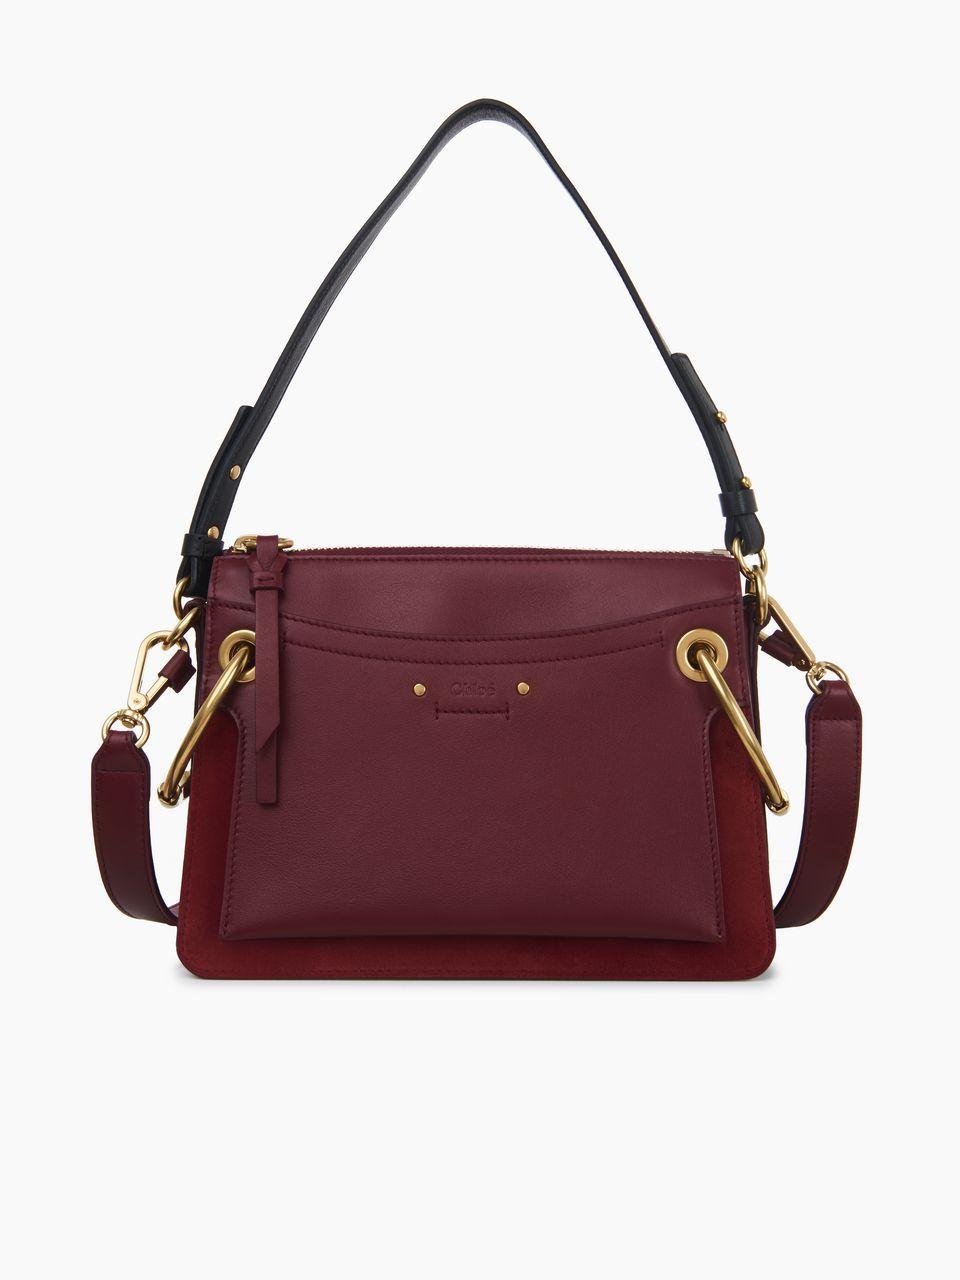 9712d6832d Shoulder bag